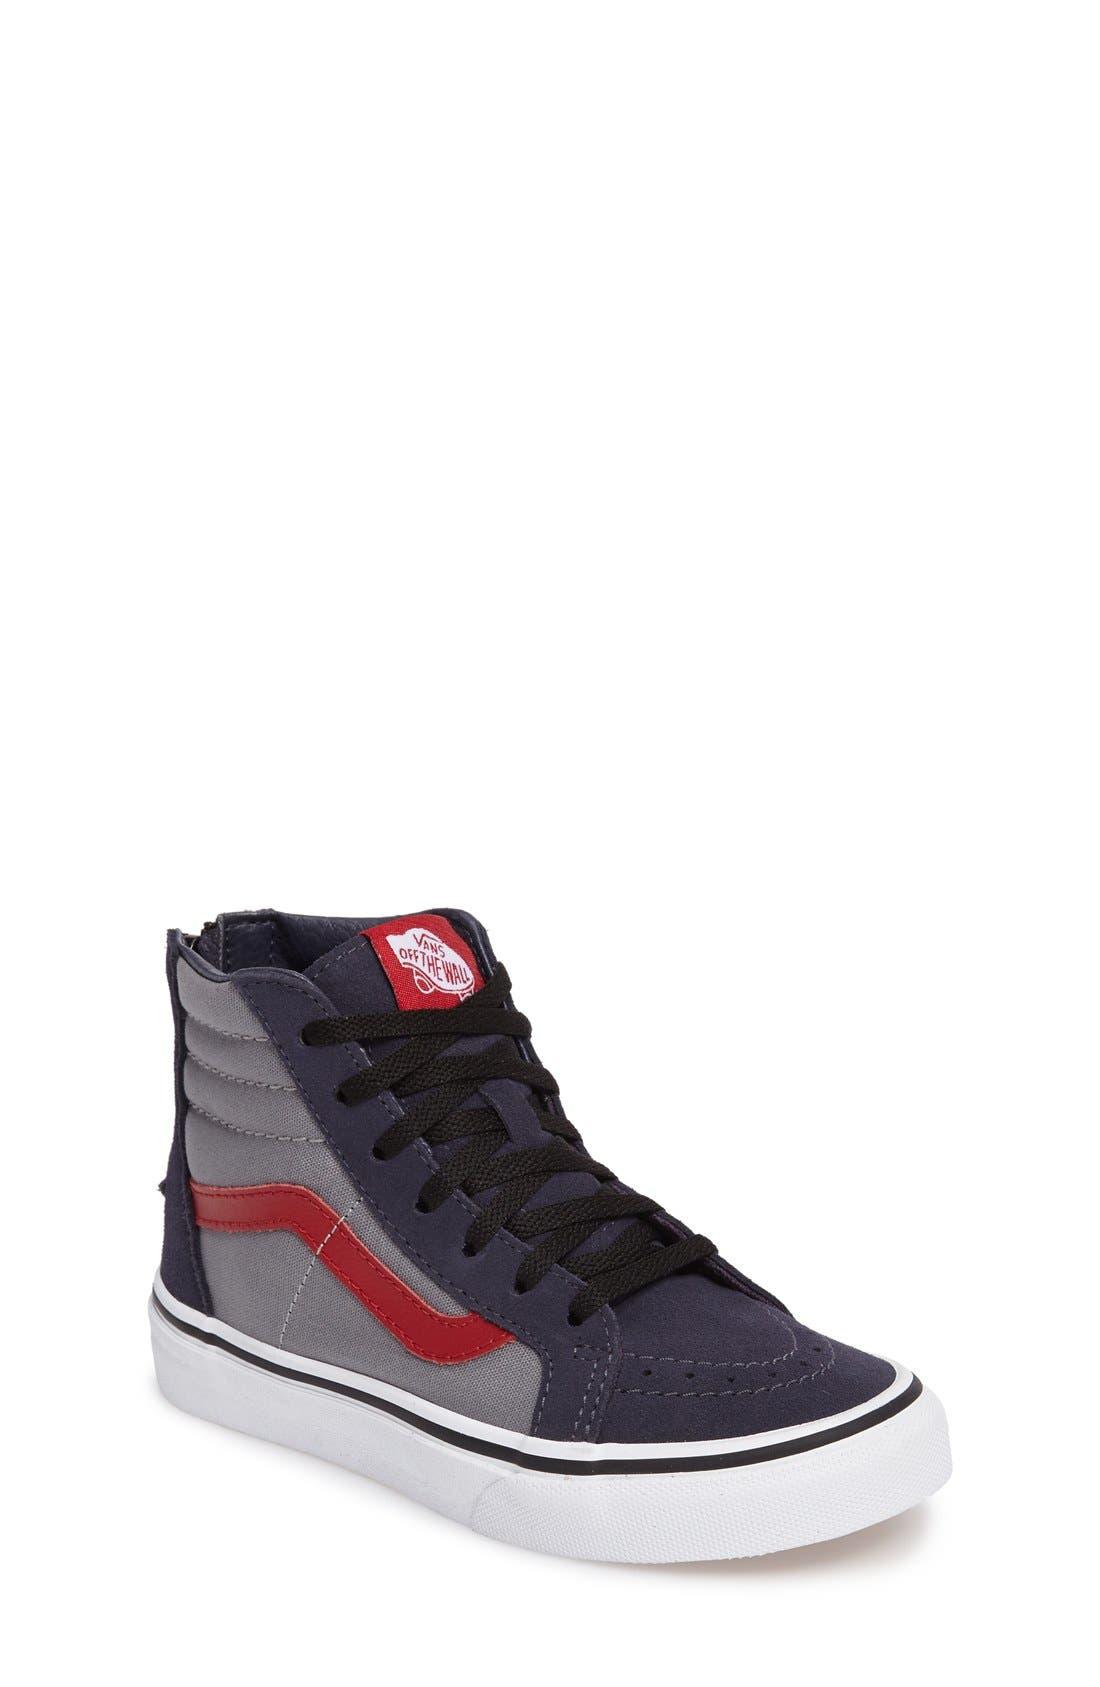 SK8-Hi Zip Pop Sneaker,                         Main,                         color, Parisian Night/ Racing Red